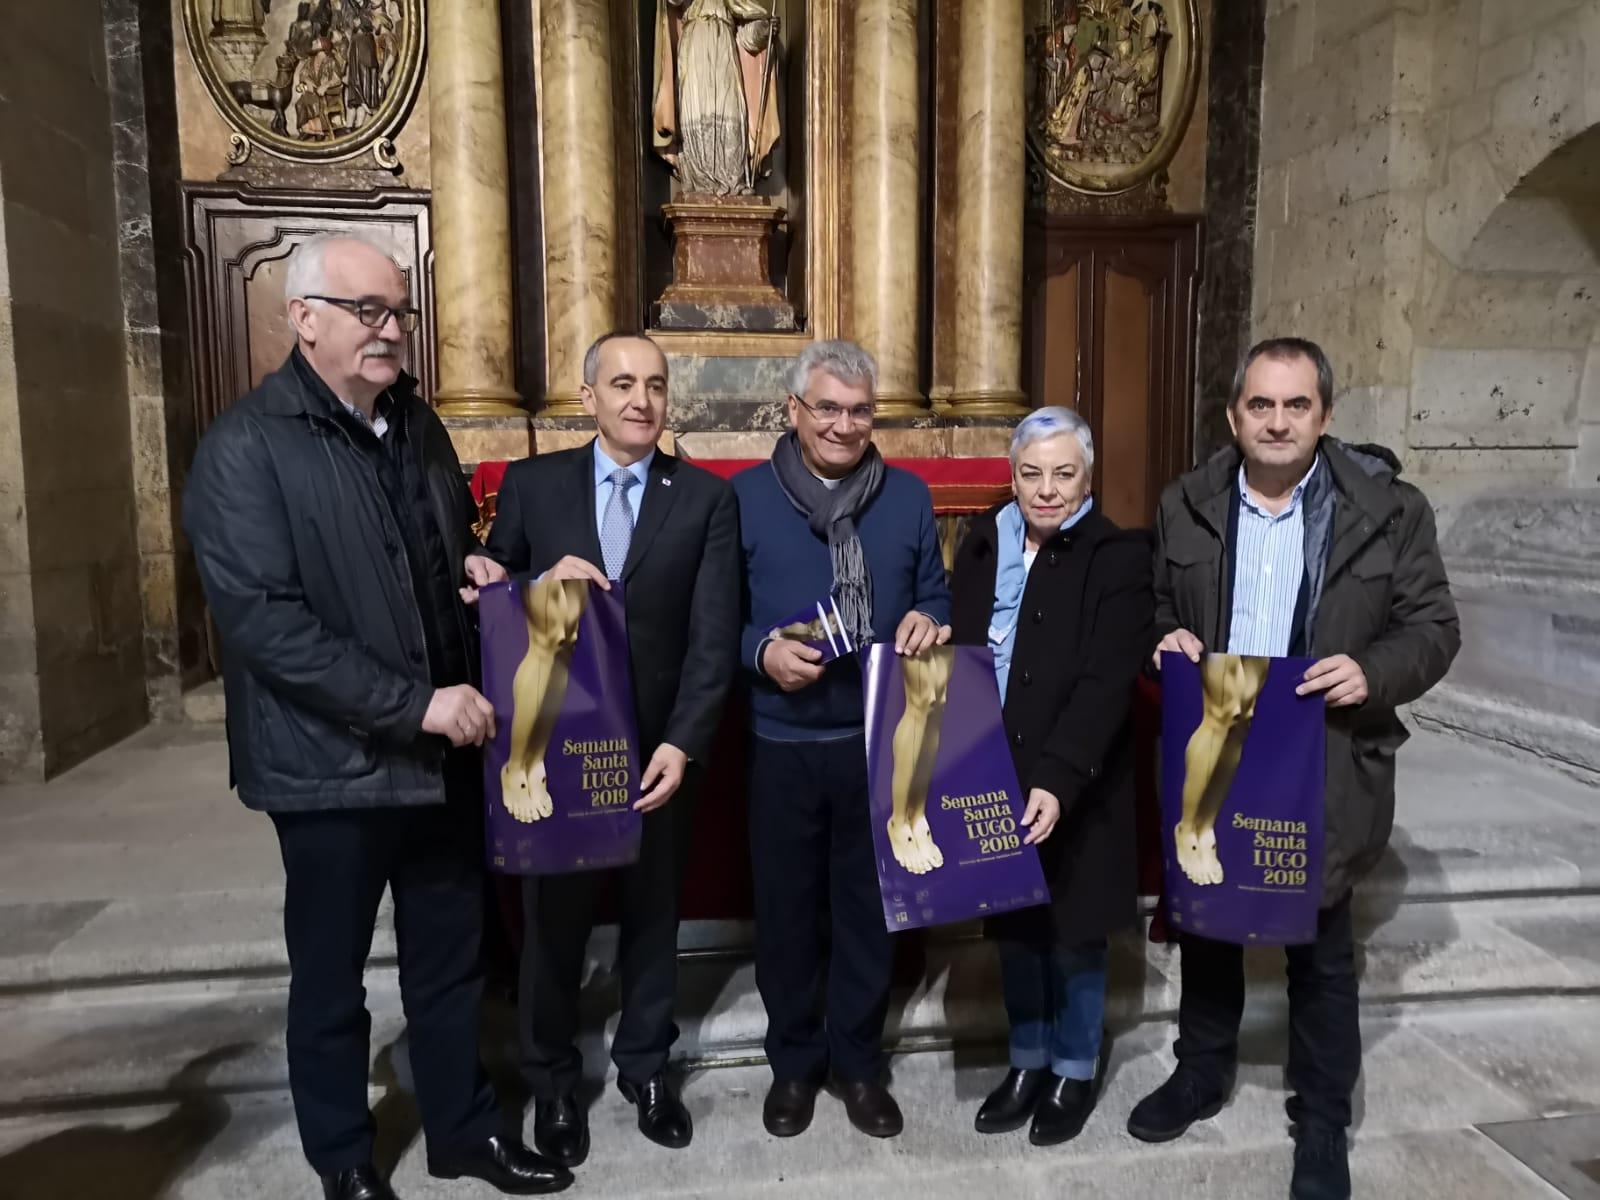 Presentada a programación da Semana Santa de Lugo que comeza mañá